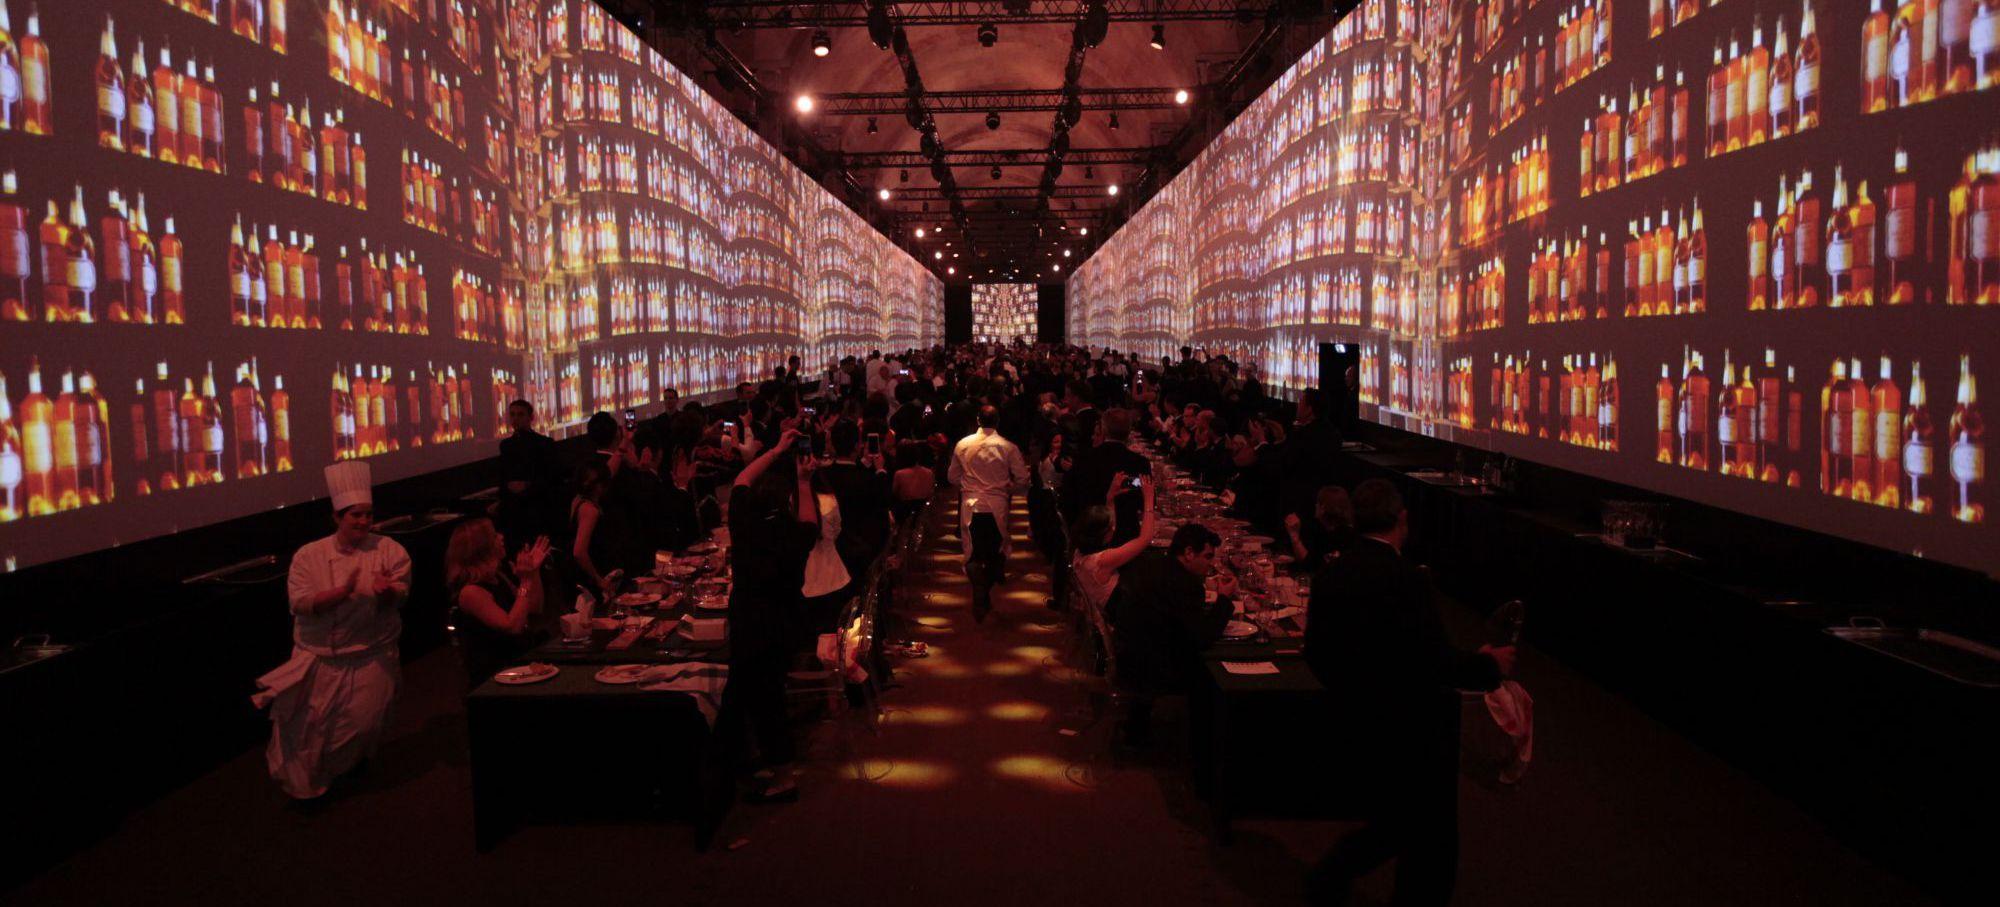 保羅·派里(Paul Pairet)及其團隊於晚餐結束時以獨特方式亮相。